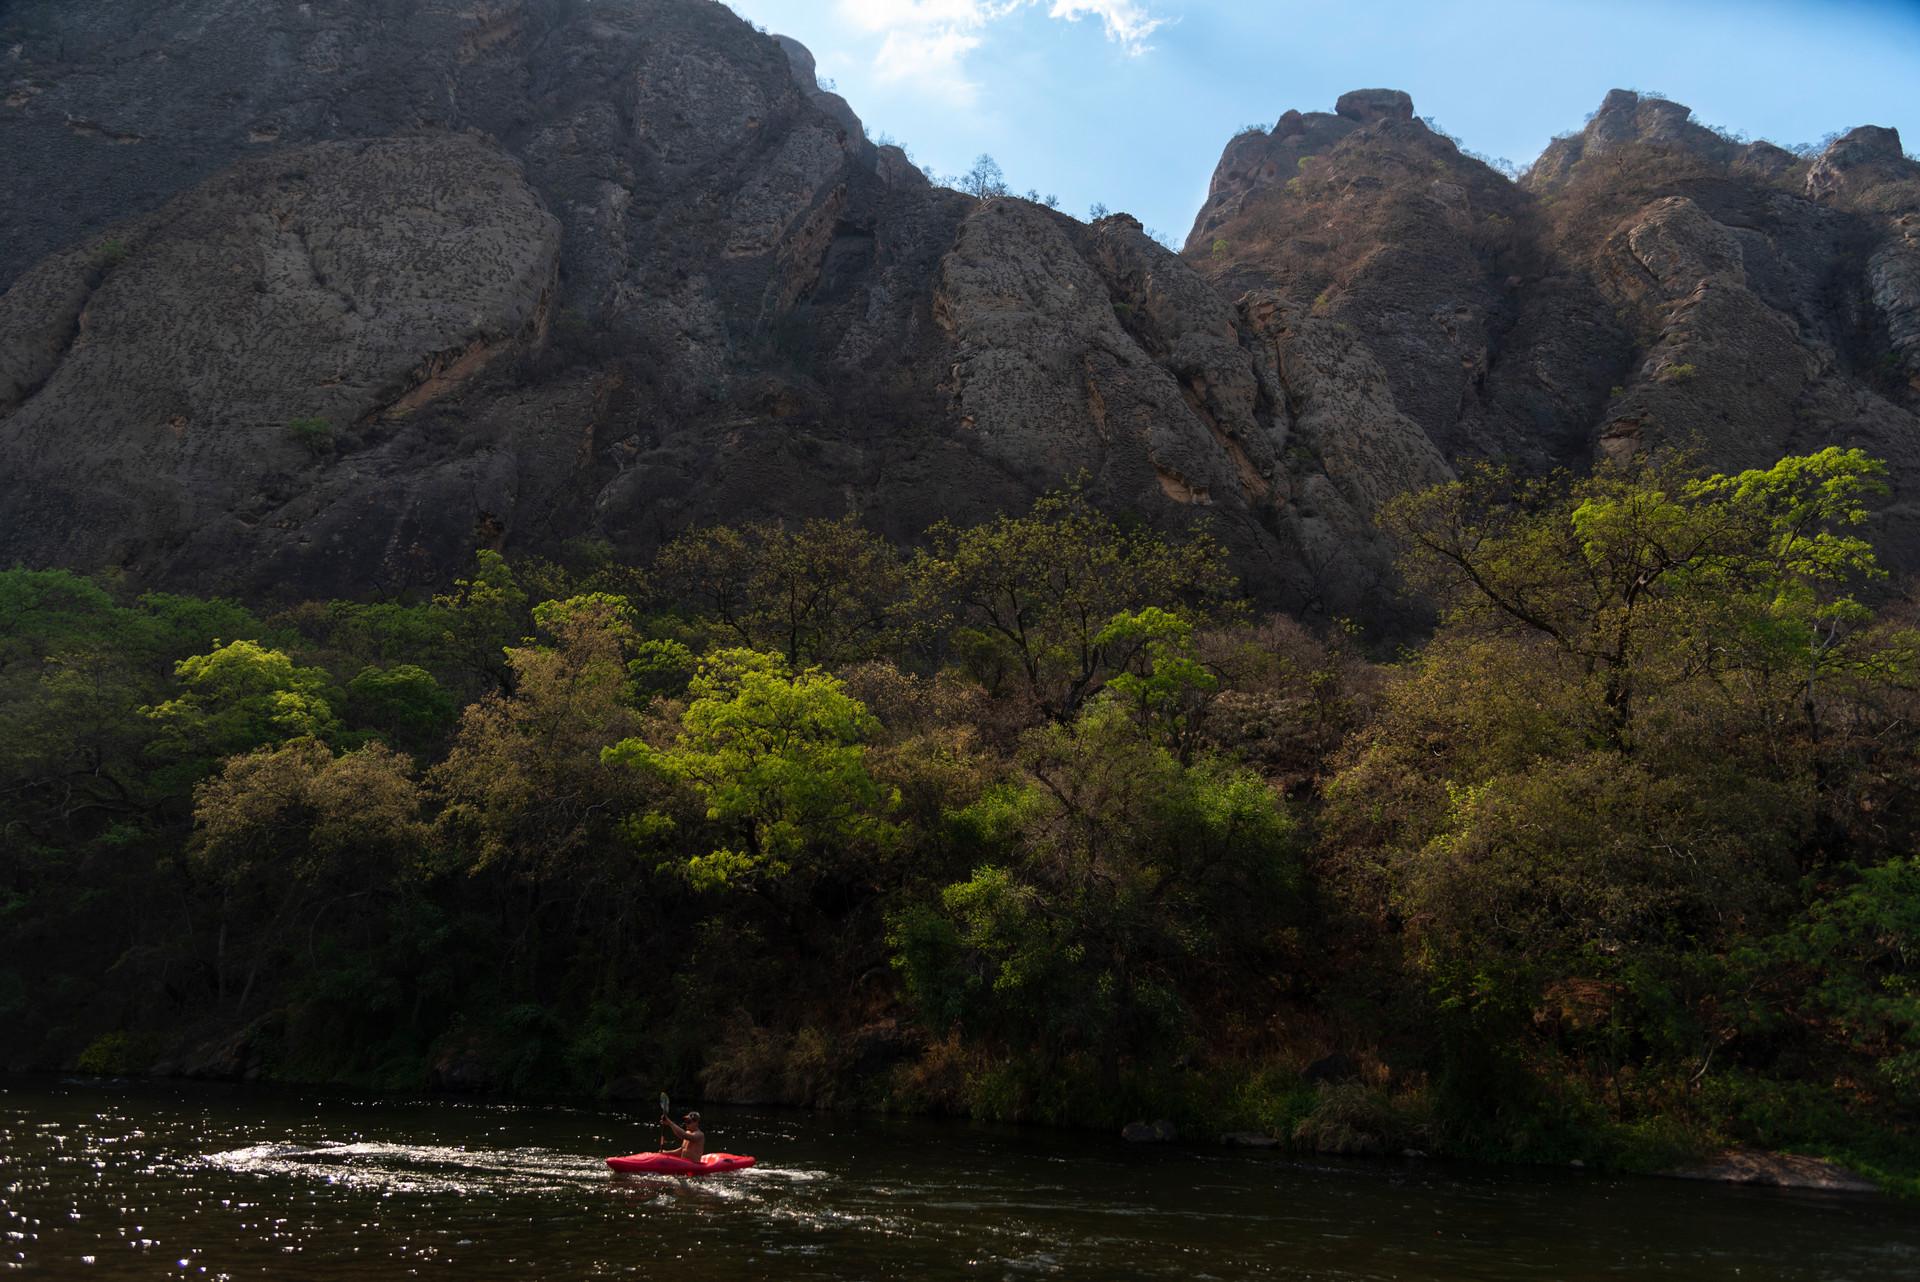 Río Juramento, Kayak y arqueología (Salta, Argentina)